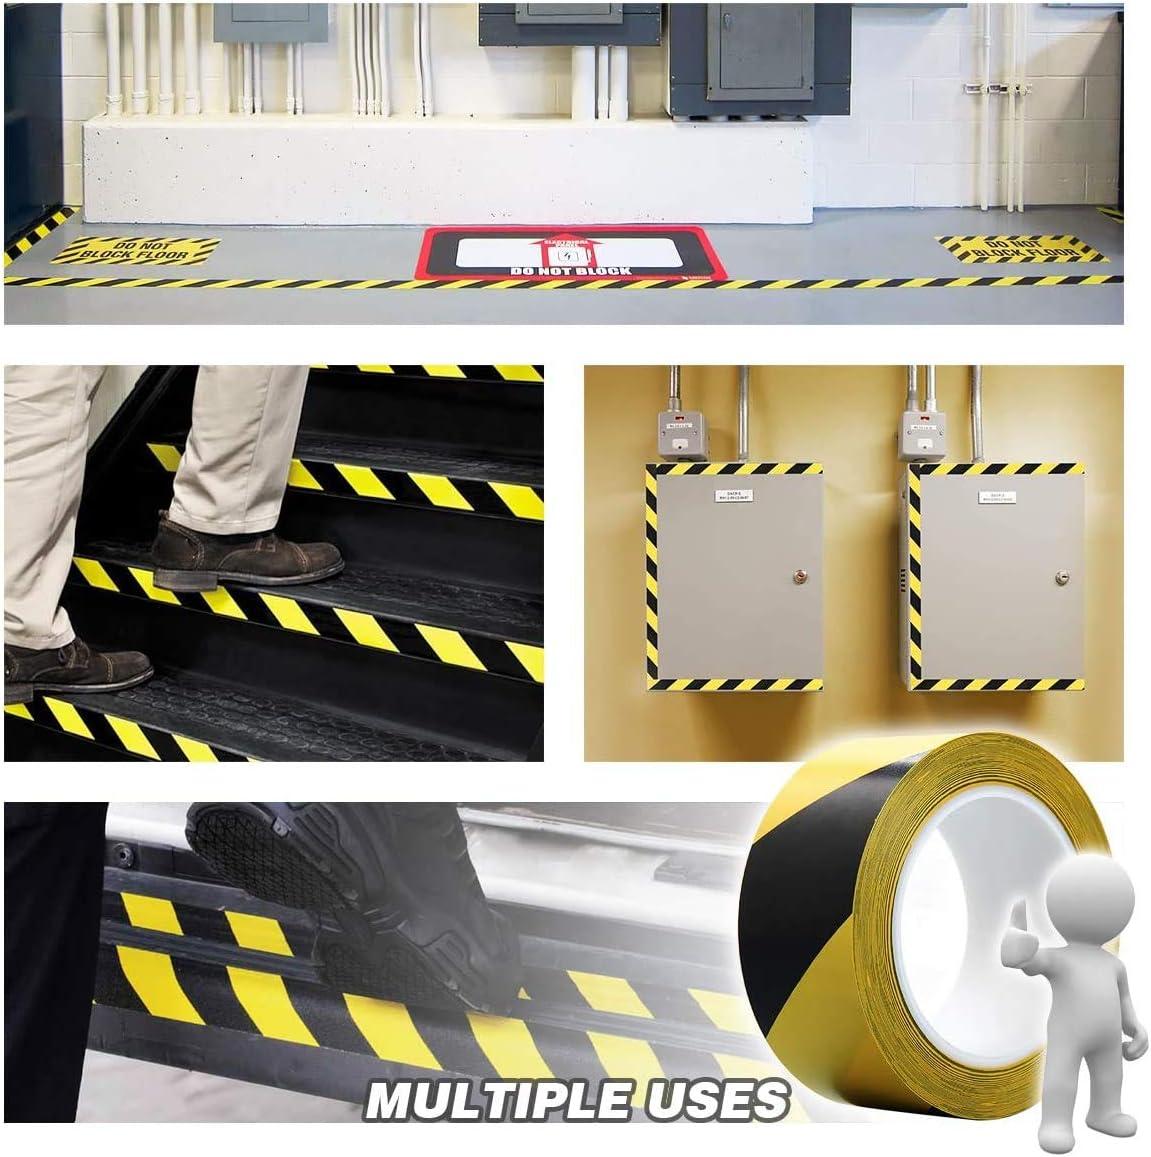 50 mm x 33 m Boden Markierungsband Absperrband Sicherheitsband Gefahr Warnung Klebeband Bodenmarkierungsband fur Treppen Schritte Warnband selbstklebend Schwarz/&Gelb